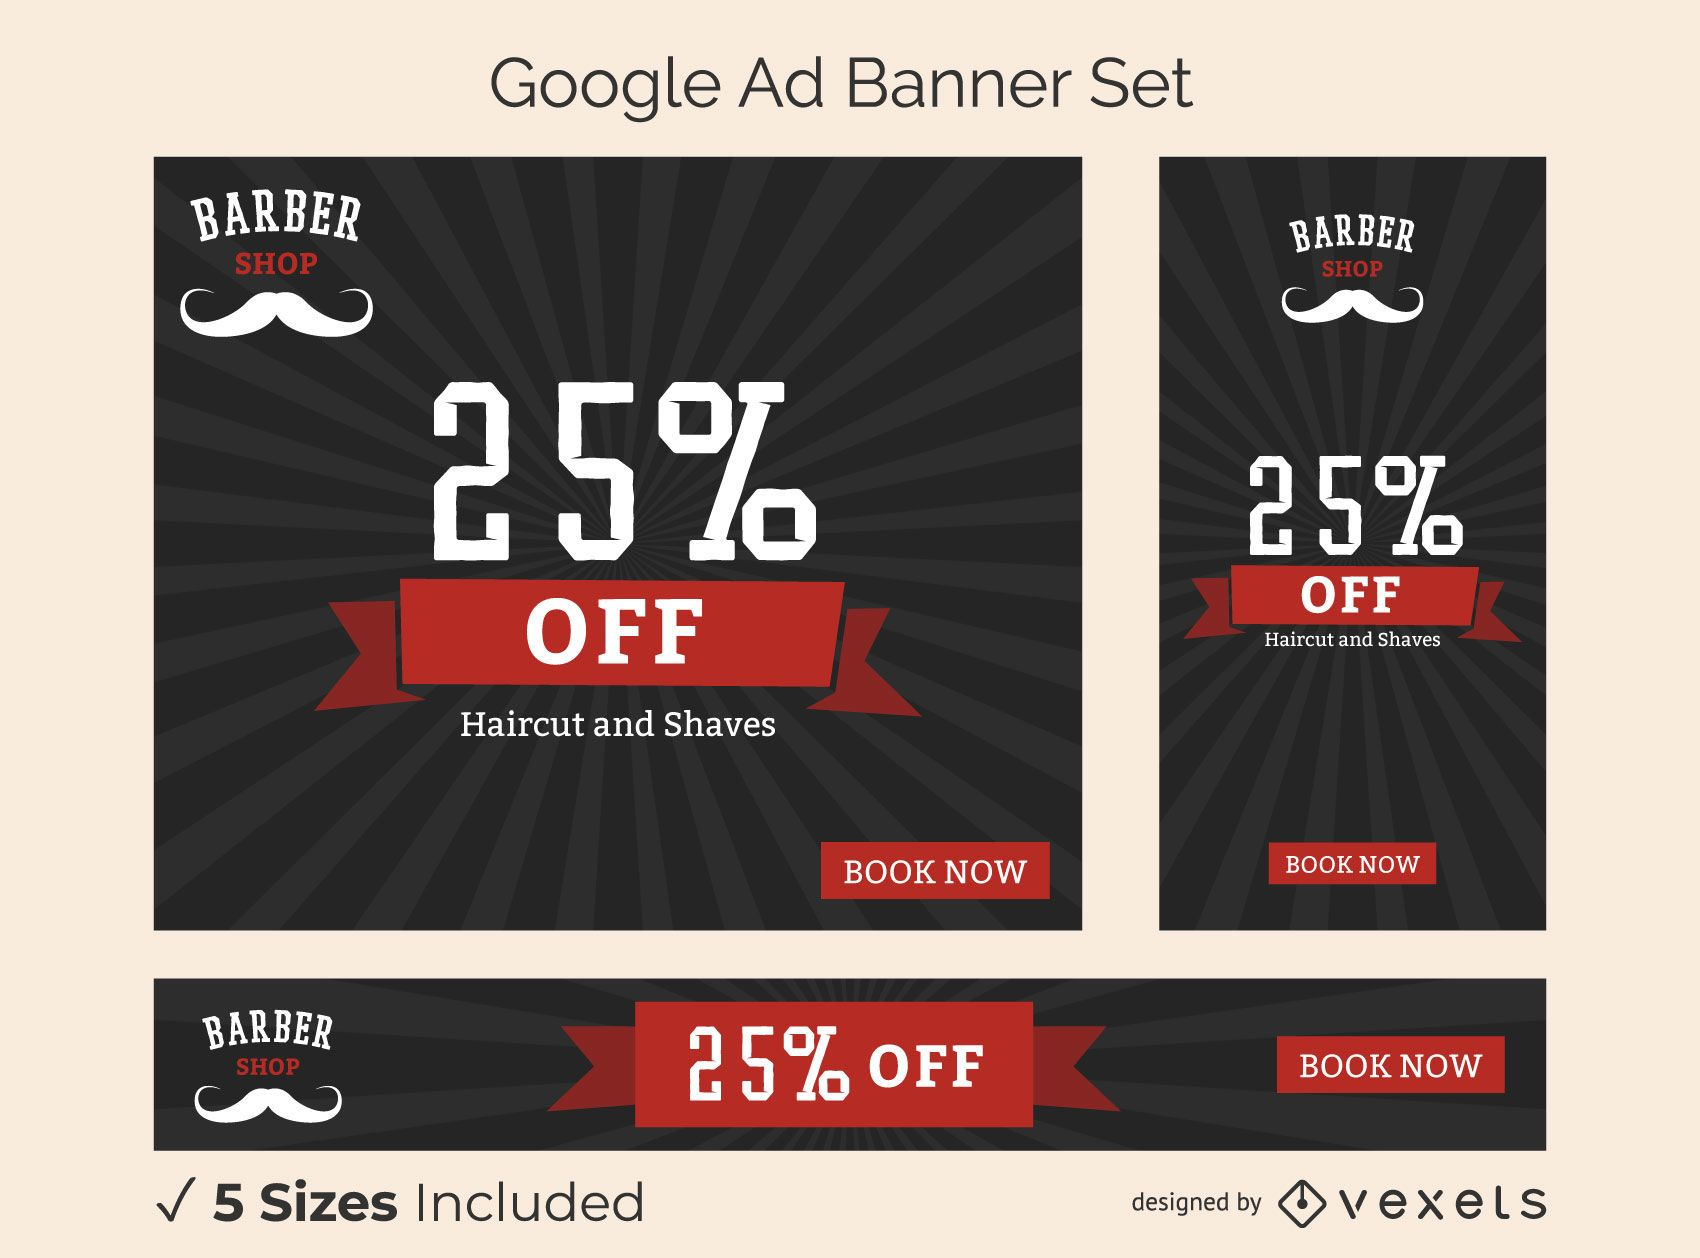 Barber shop ad banner set